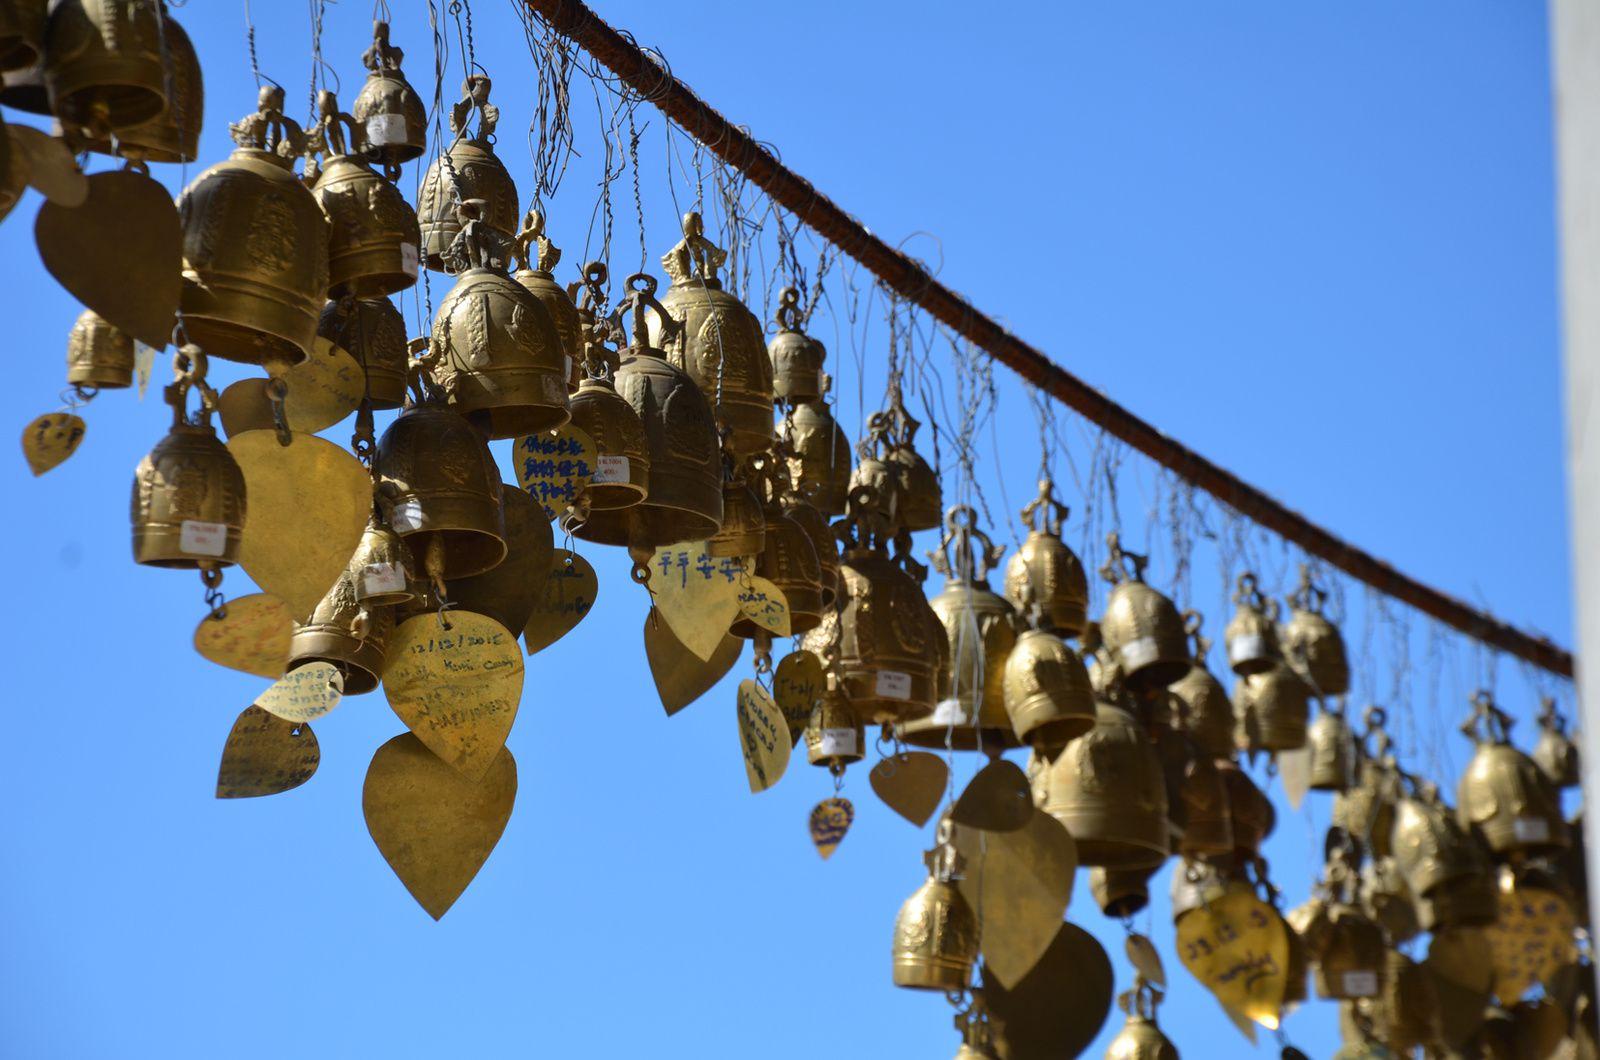 Chaque cloche porte un souhait...